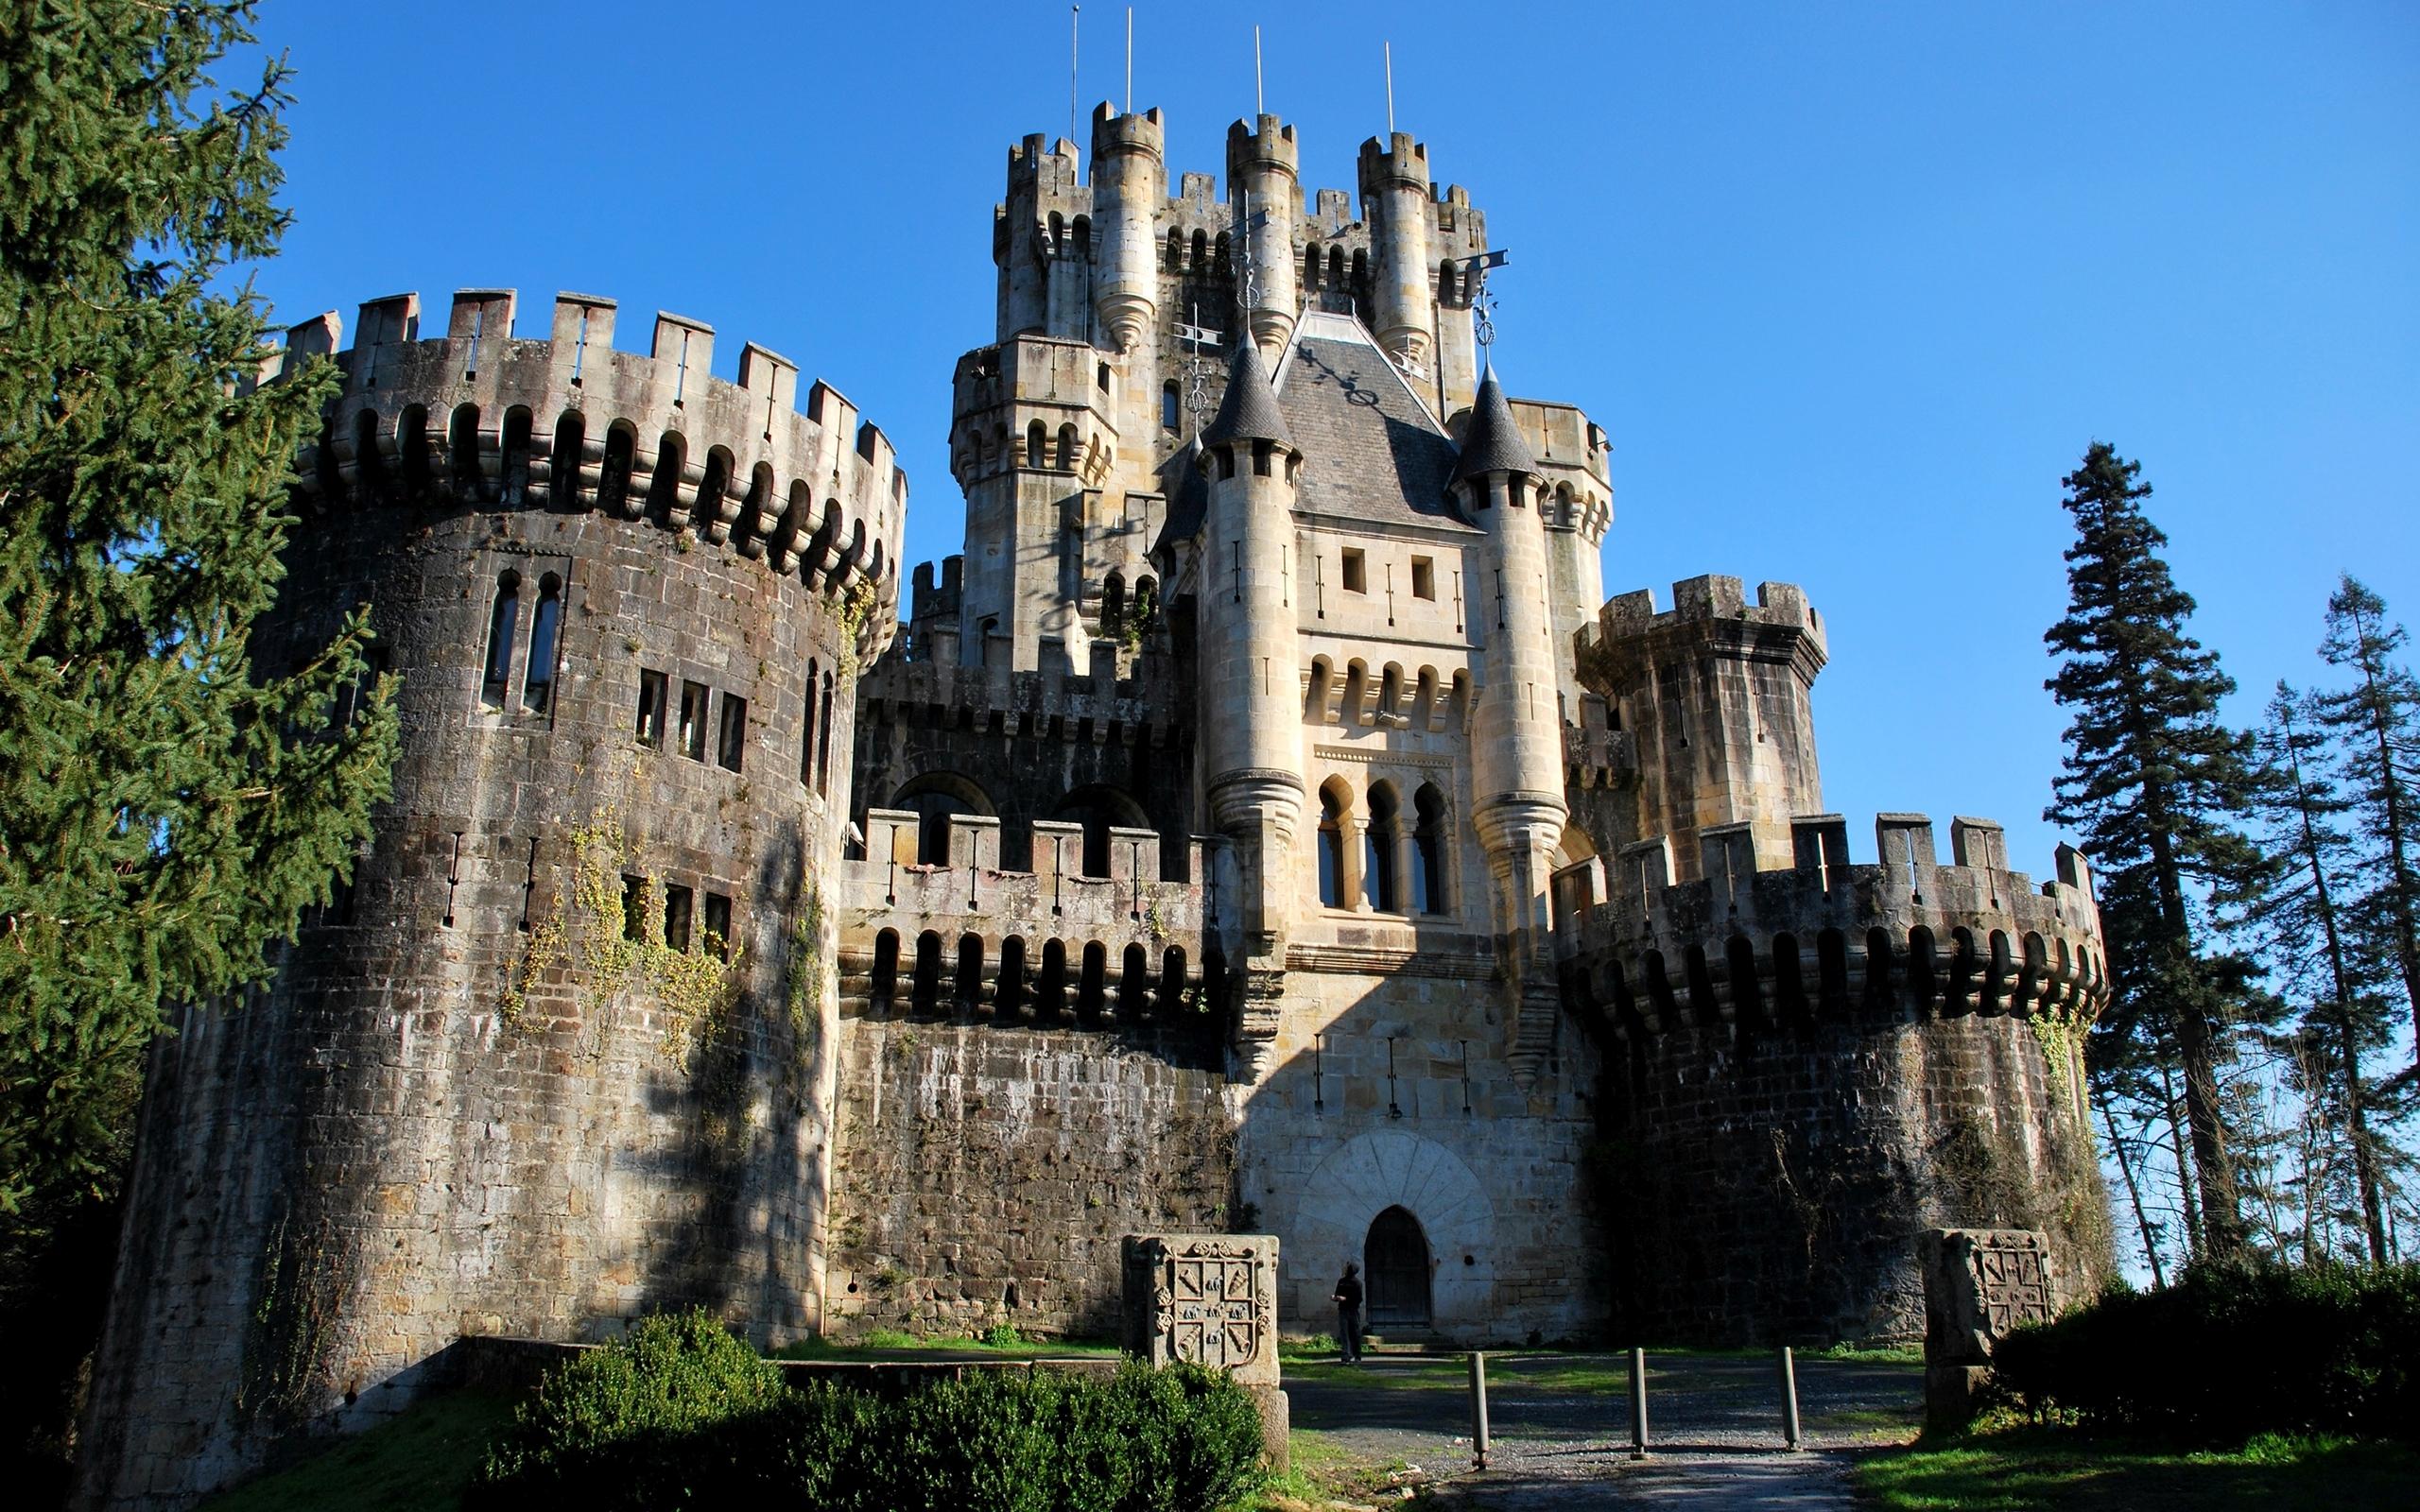 Ireland Fall Wallpaper Castle Backgrounds Hd Pixelstalk Net